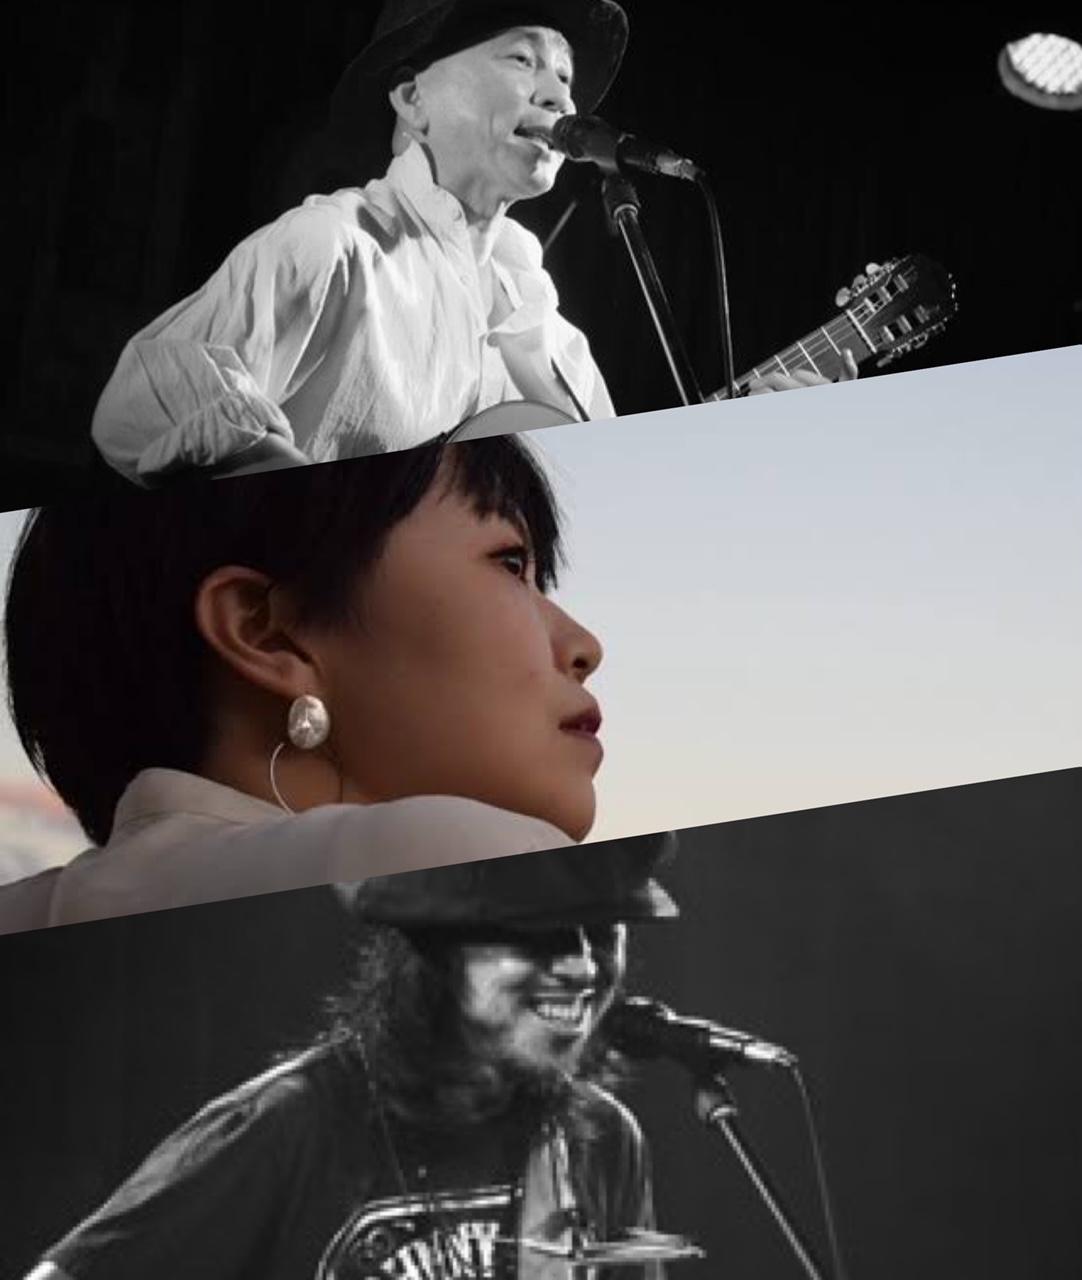 『愛することができるものすべて』出演:田口みさき / ヤマモトマサヤ / 佐藤光徳